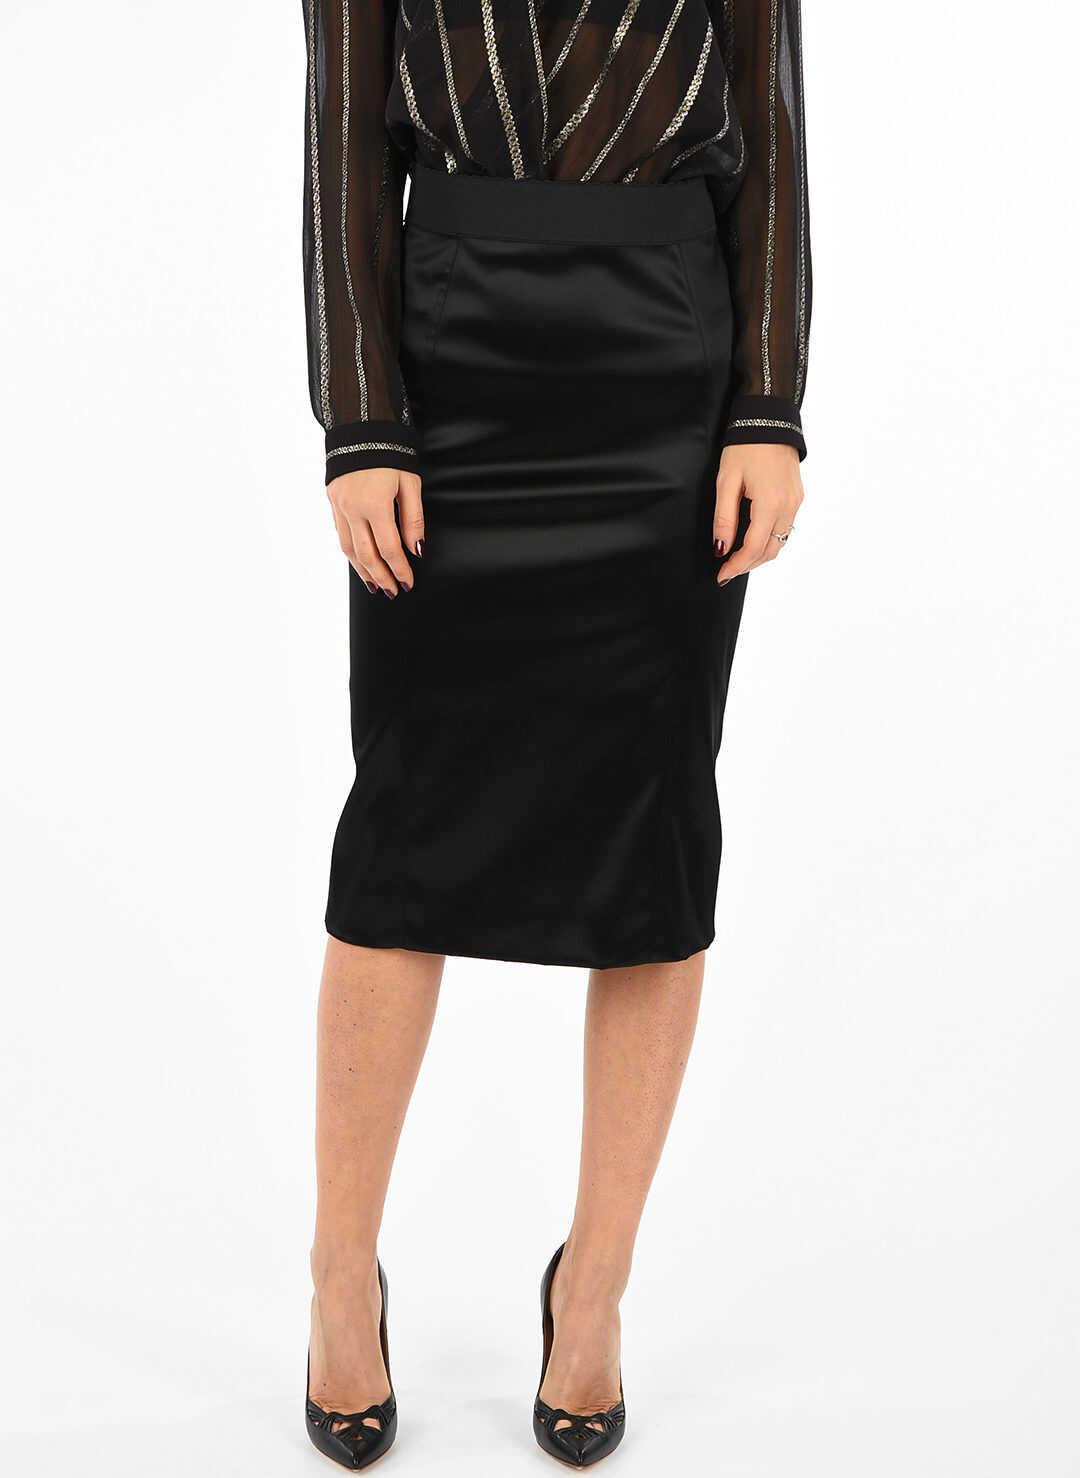 Dolce & Gabbana Slit Skirt BLACK